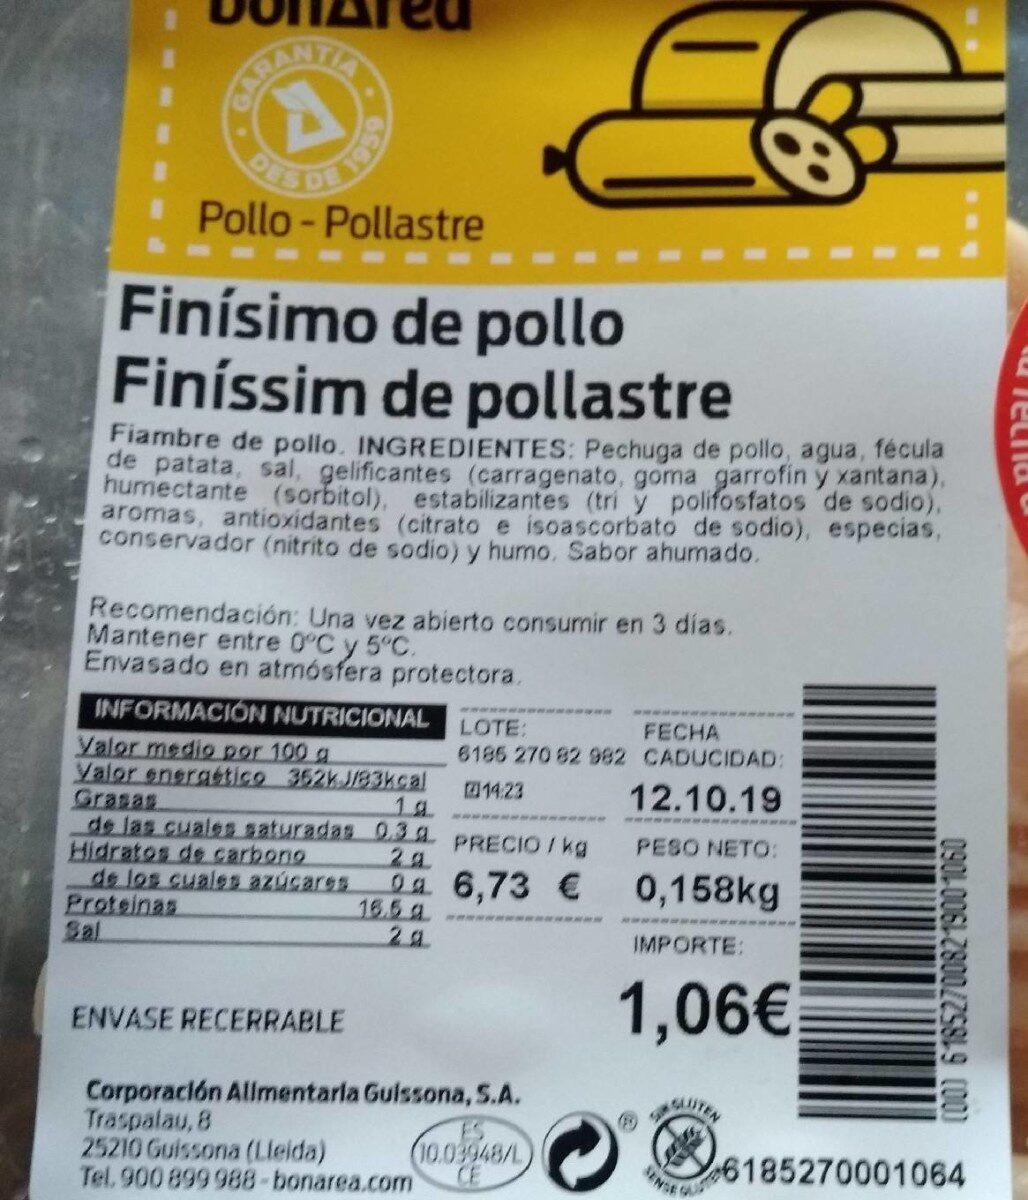 Finisimo de pollo - Product - es